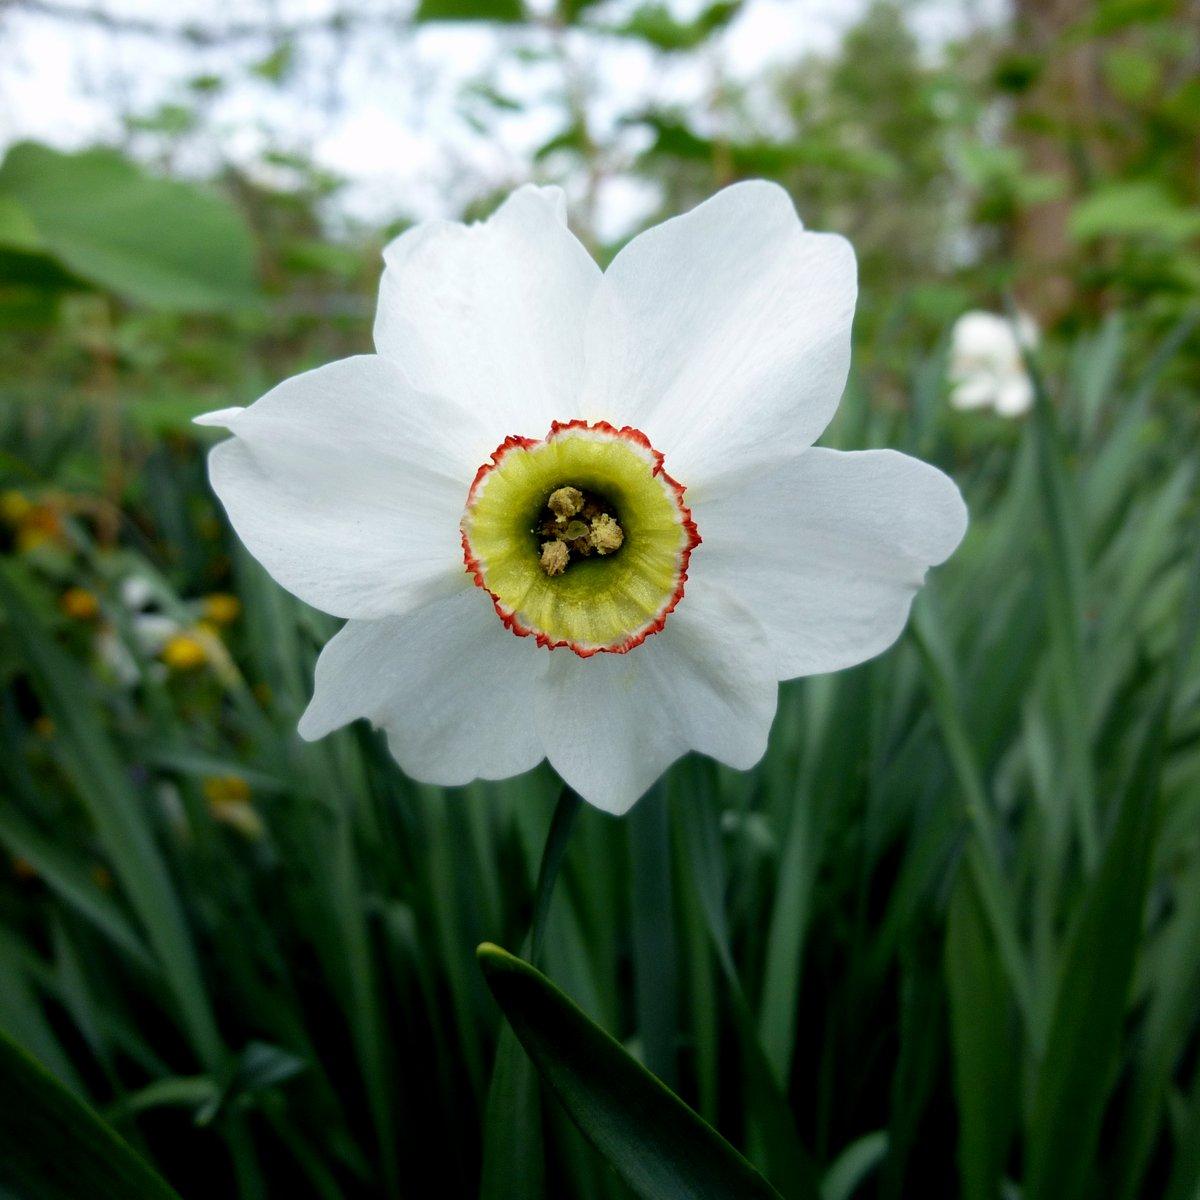 5. Pheasant Eye Daffodil aka Narcissus poeticus